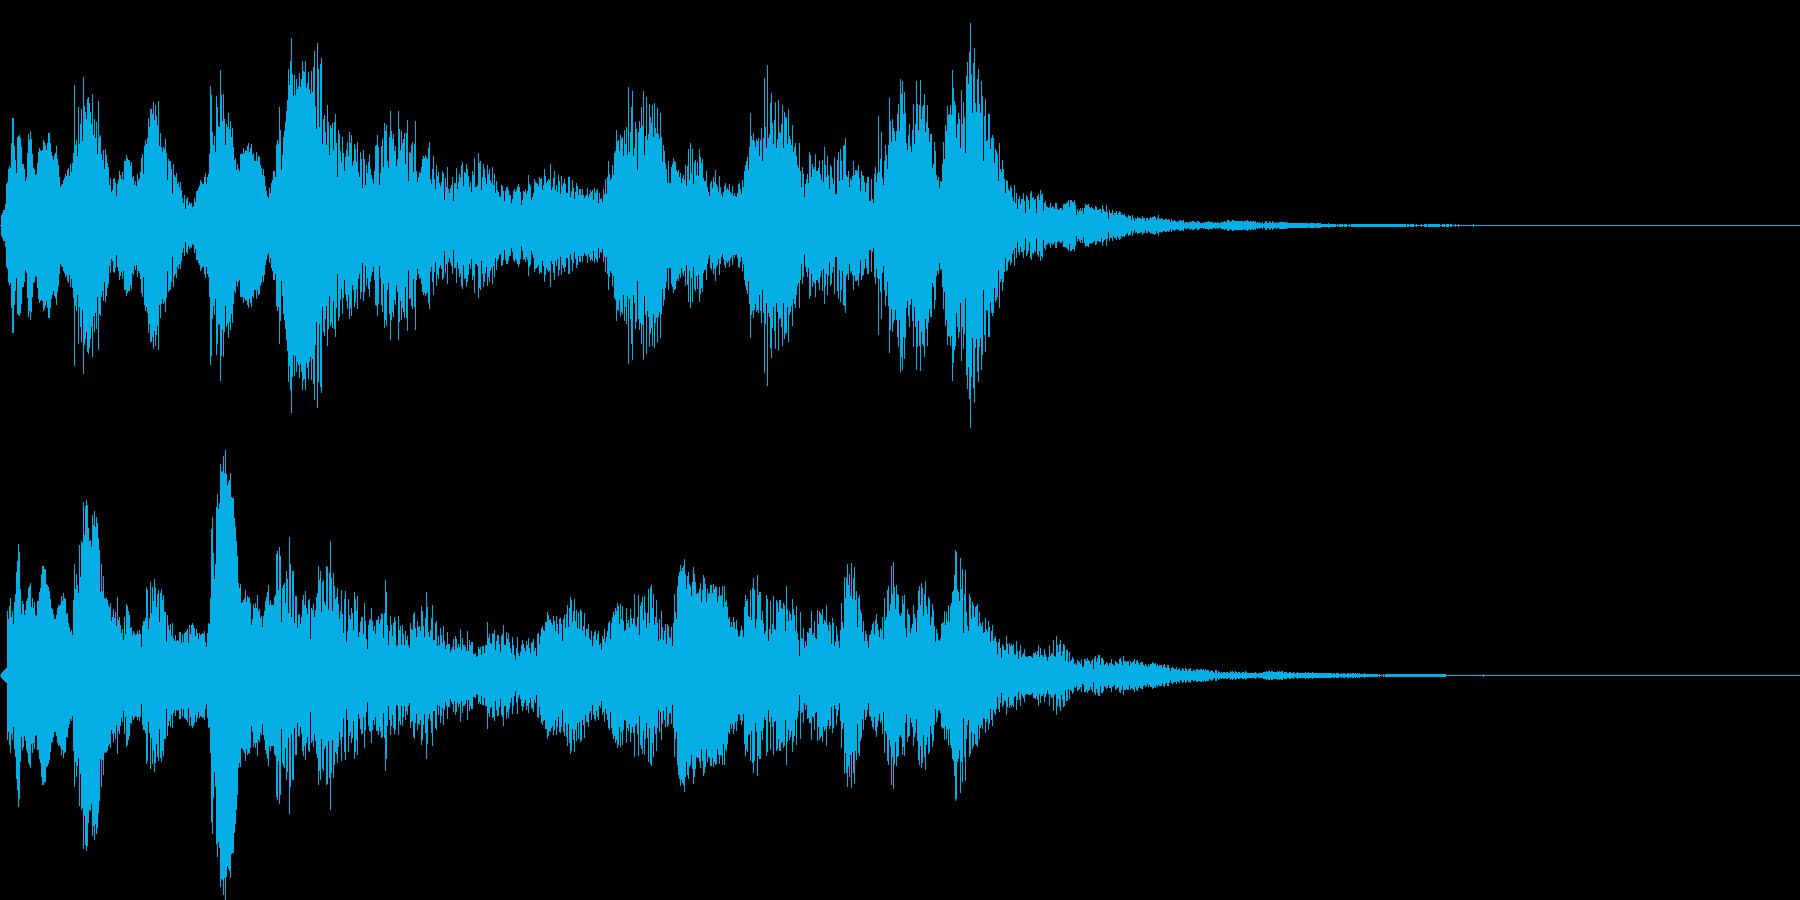 ピアノ、クラリネットなどの室内楽ジングルの再生済みの波形